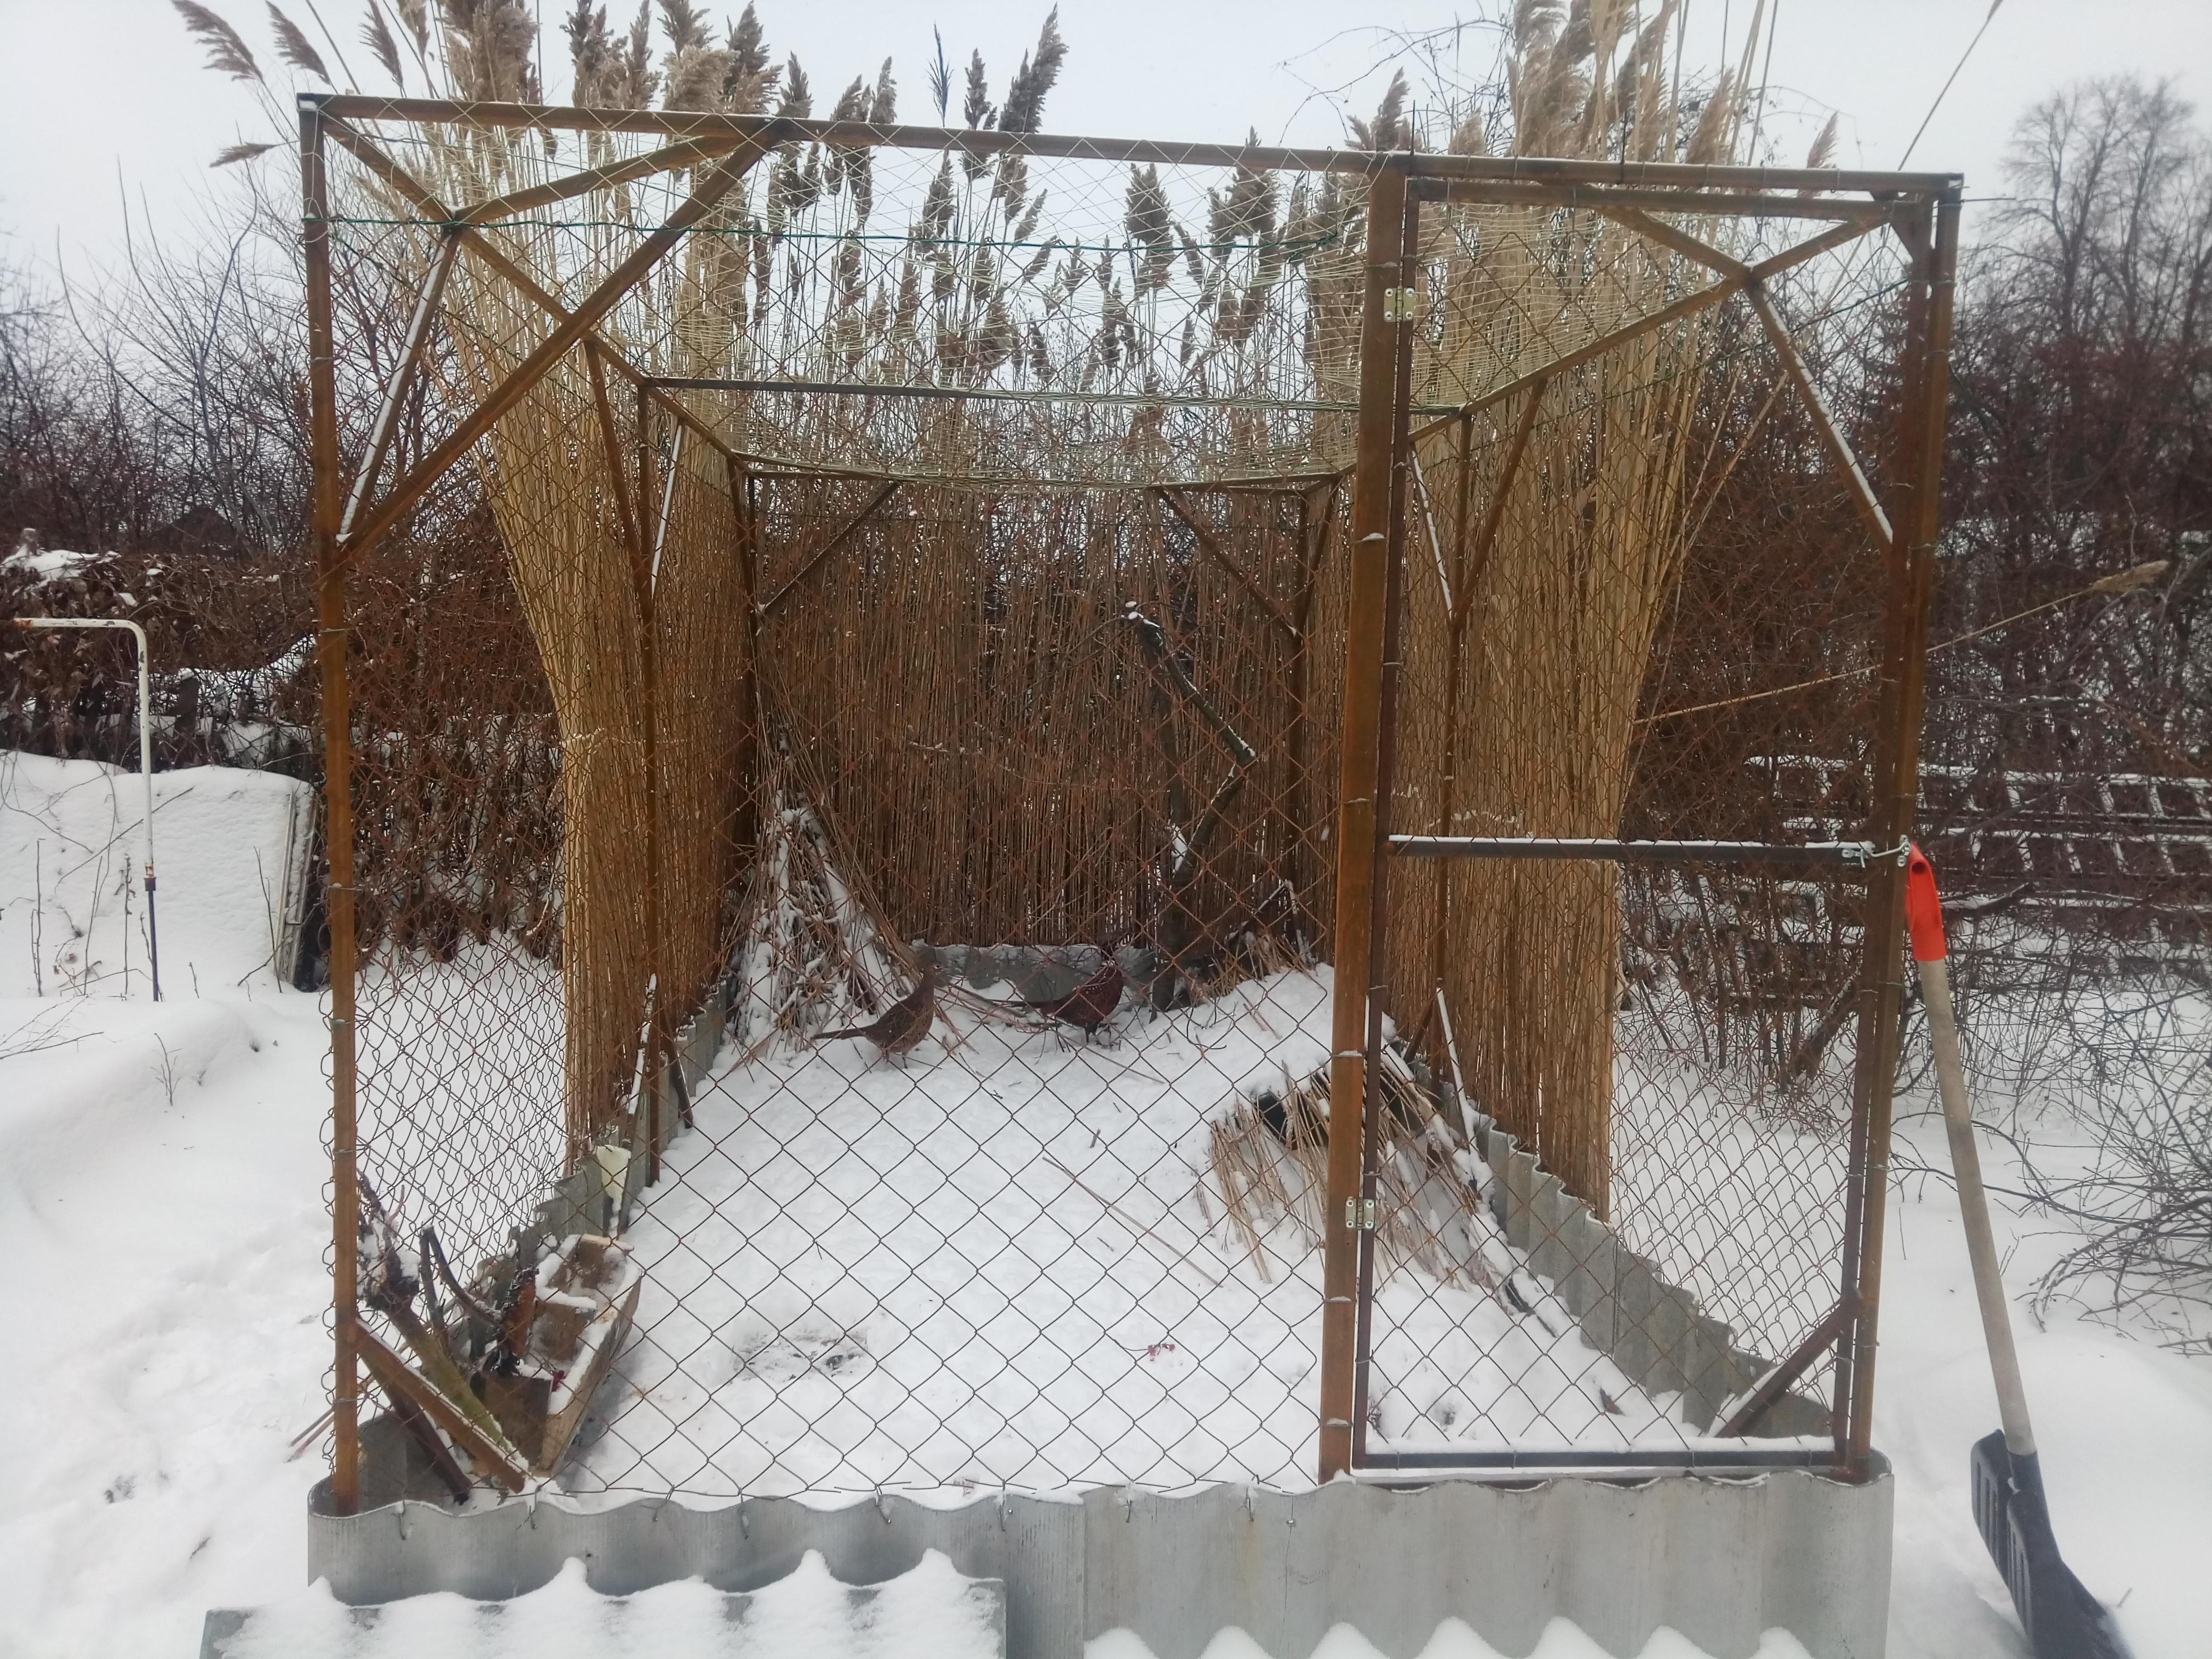 вышла туалет, клетка для фазанов своими руками фото пространство